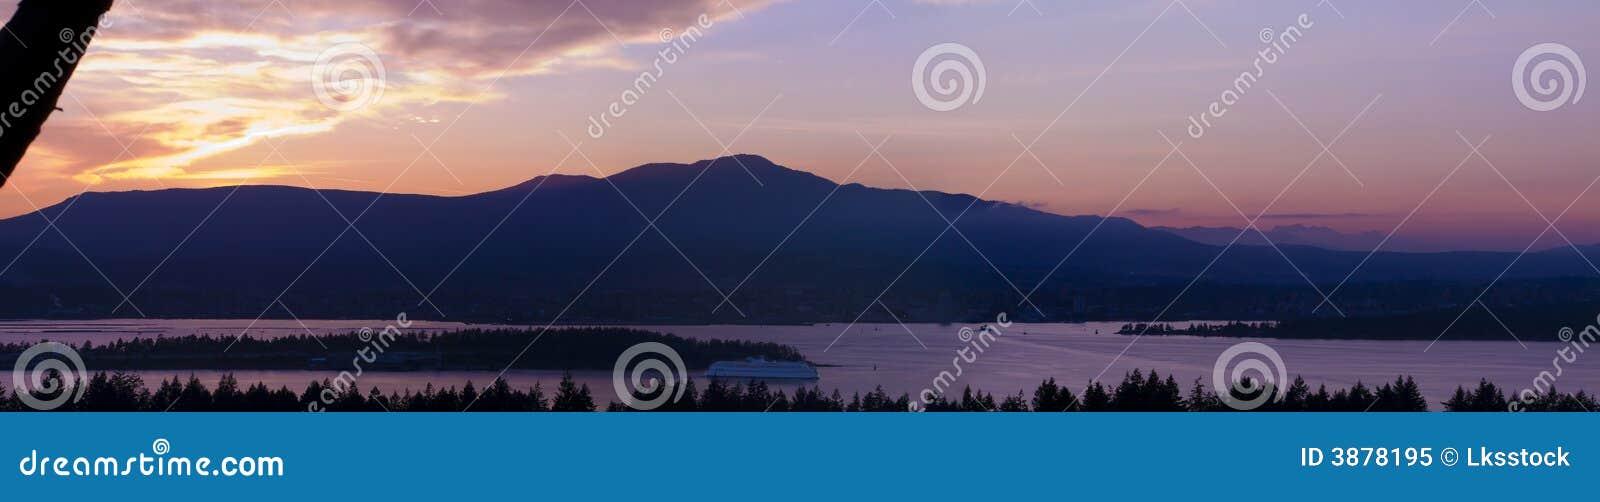 Panoramico dell isola di Vancouver